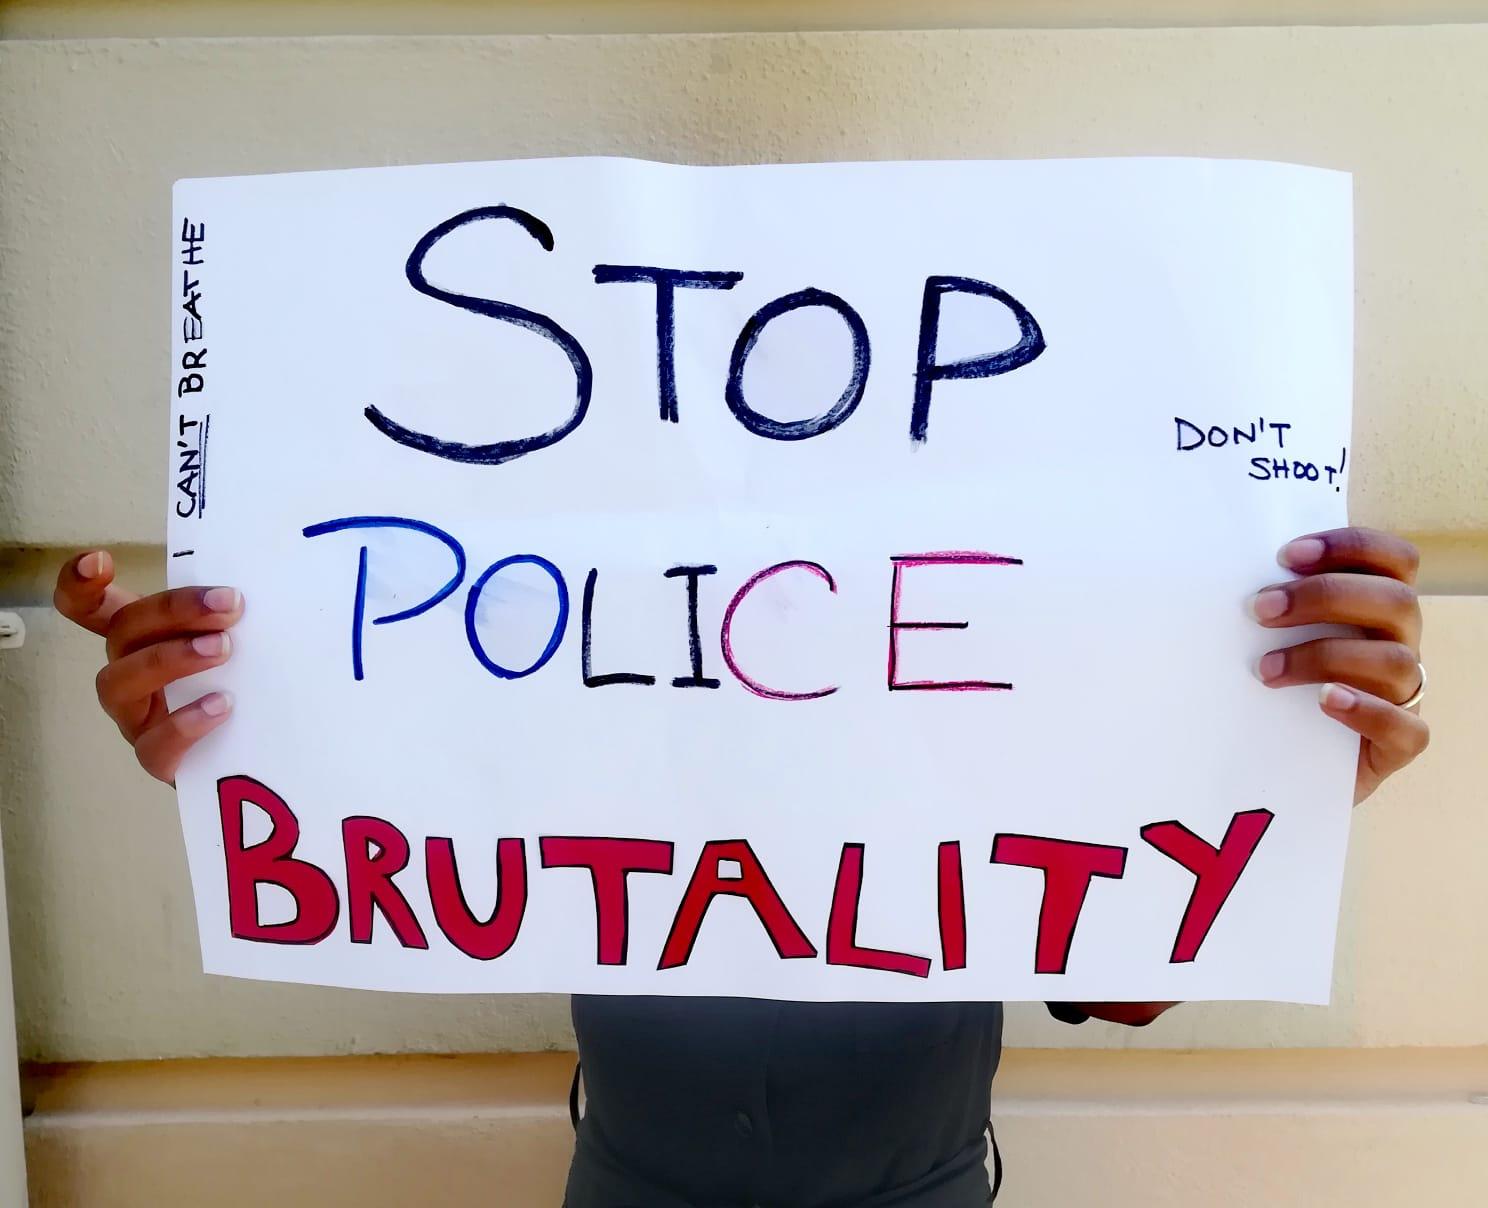 Demonstrationen, Protest, Polizeigewalt